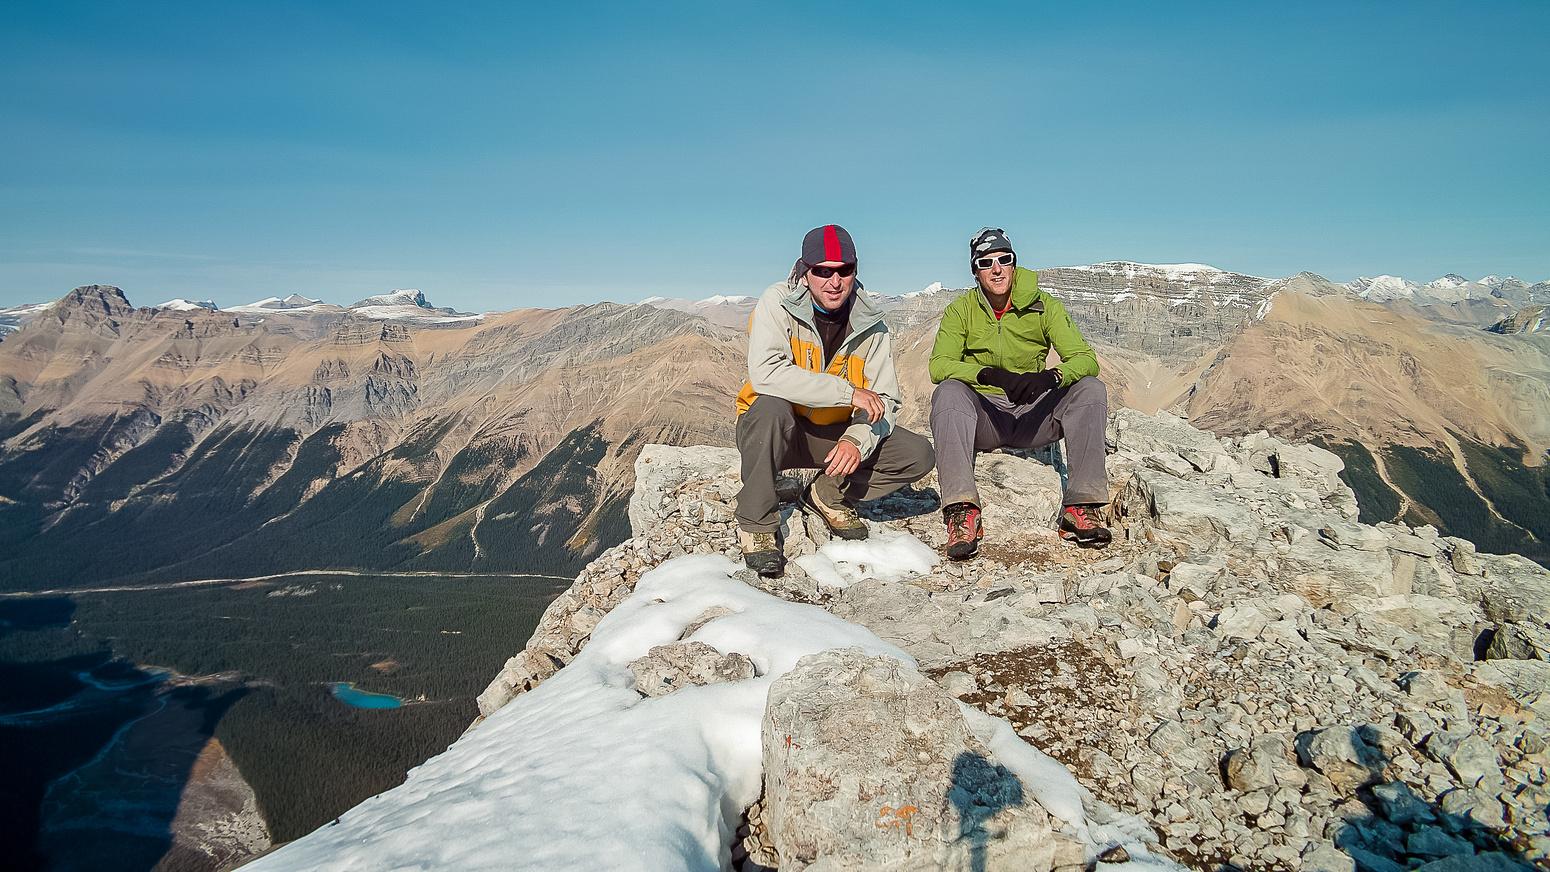 Raf and Vern on the summit of Caldron Peak.